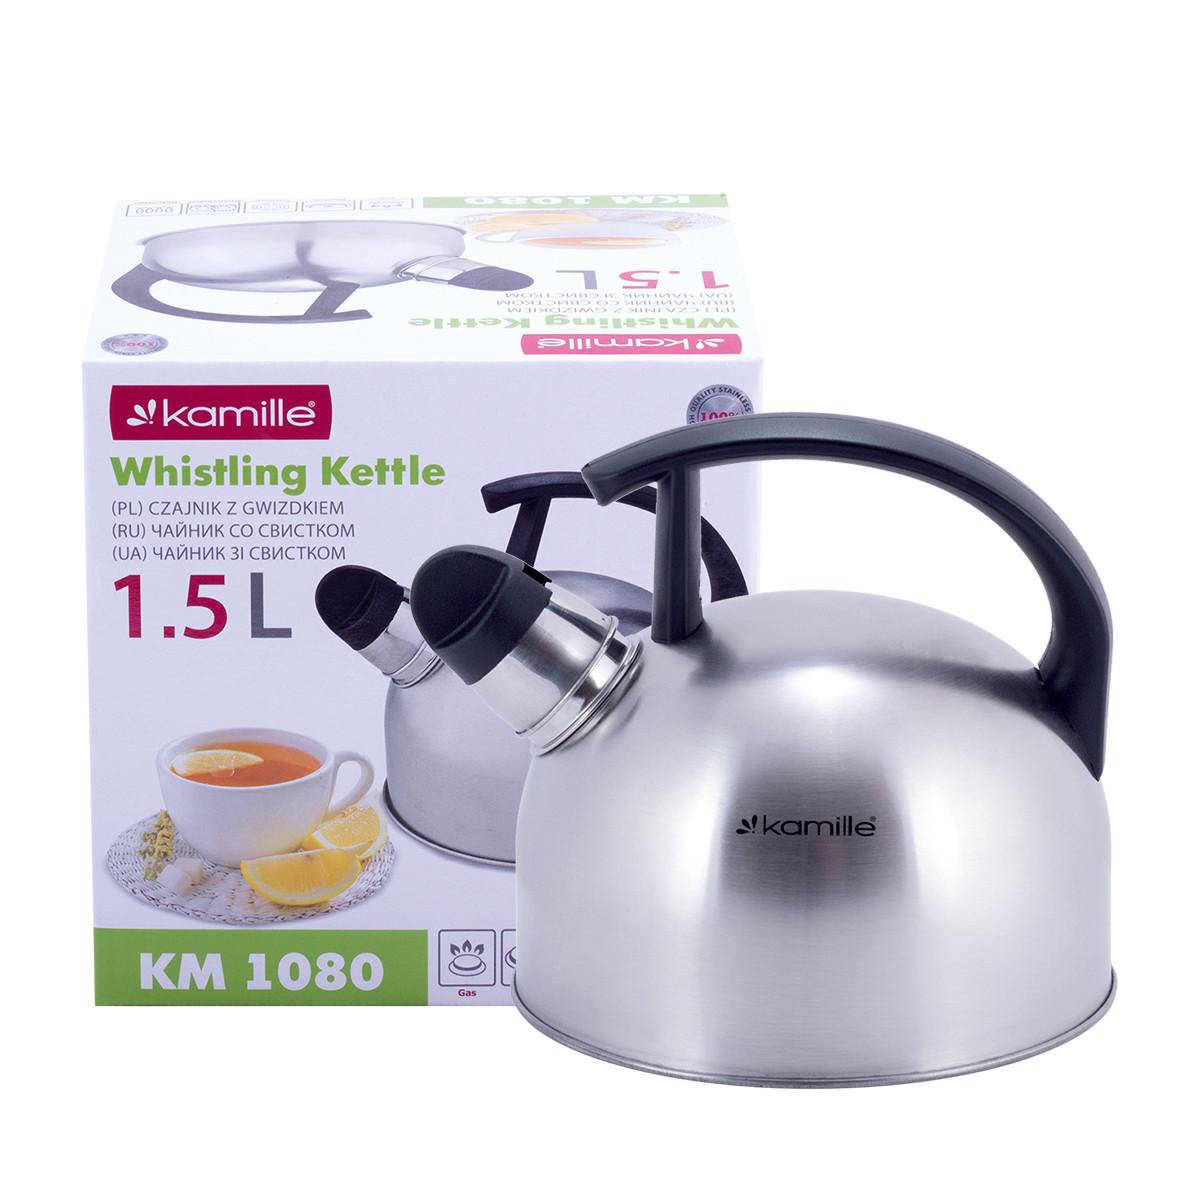 Чайник Kamille 1,5л из нержавеющей стали со свистком  и бакелитовой ручкой  для индукции и газа KM-1080